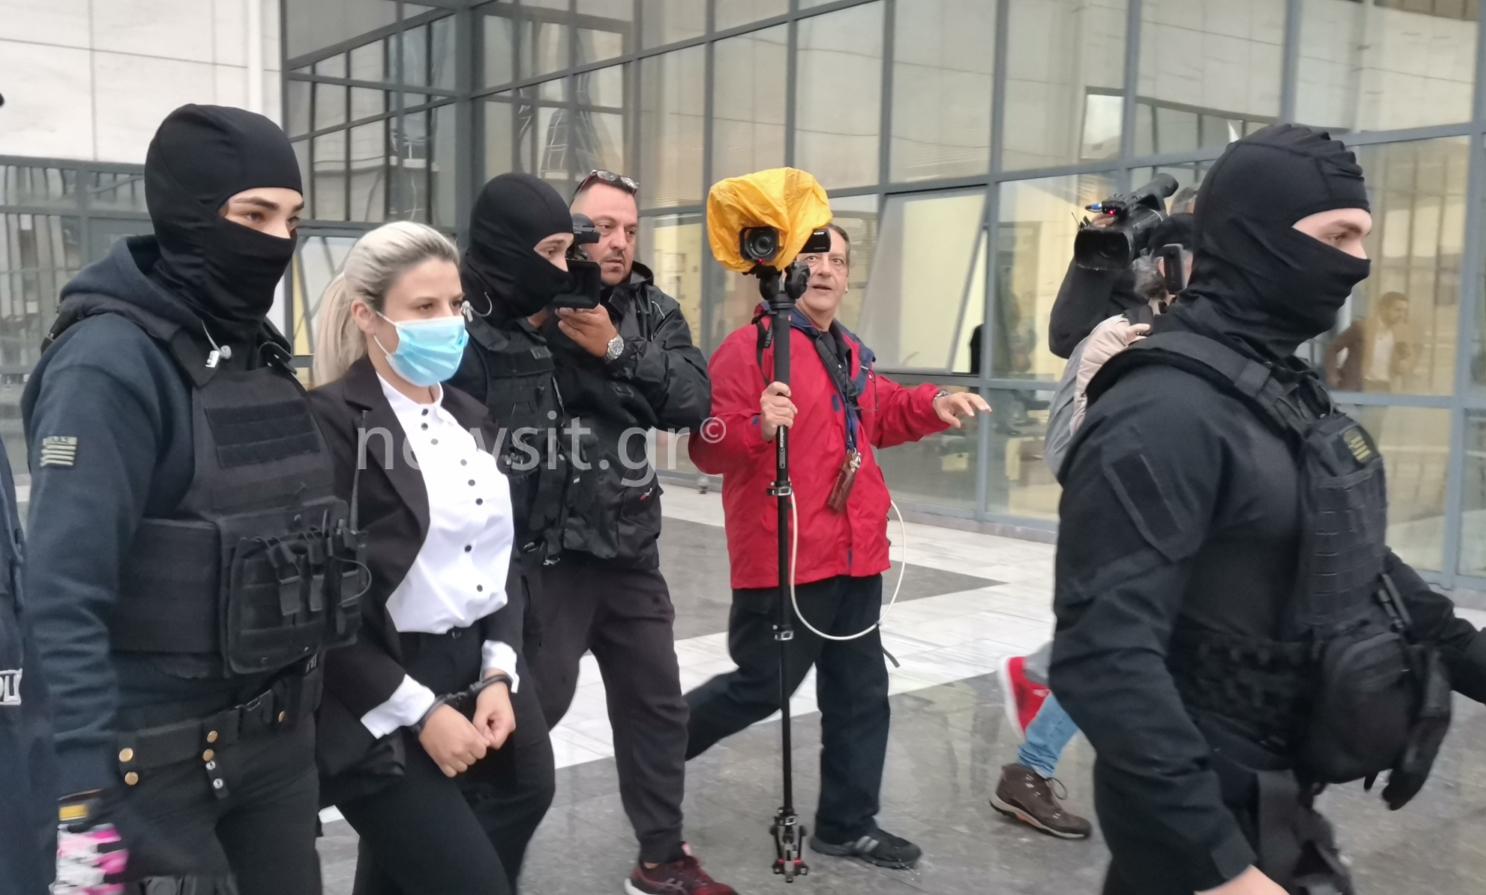 Επίθεση με βιτριόλι στην Ιωάννα Παλιοσπύρου: Ανέκφραστη στο δικαστήριο η Έφη Κακαράντζουλα